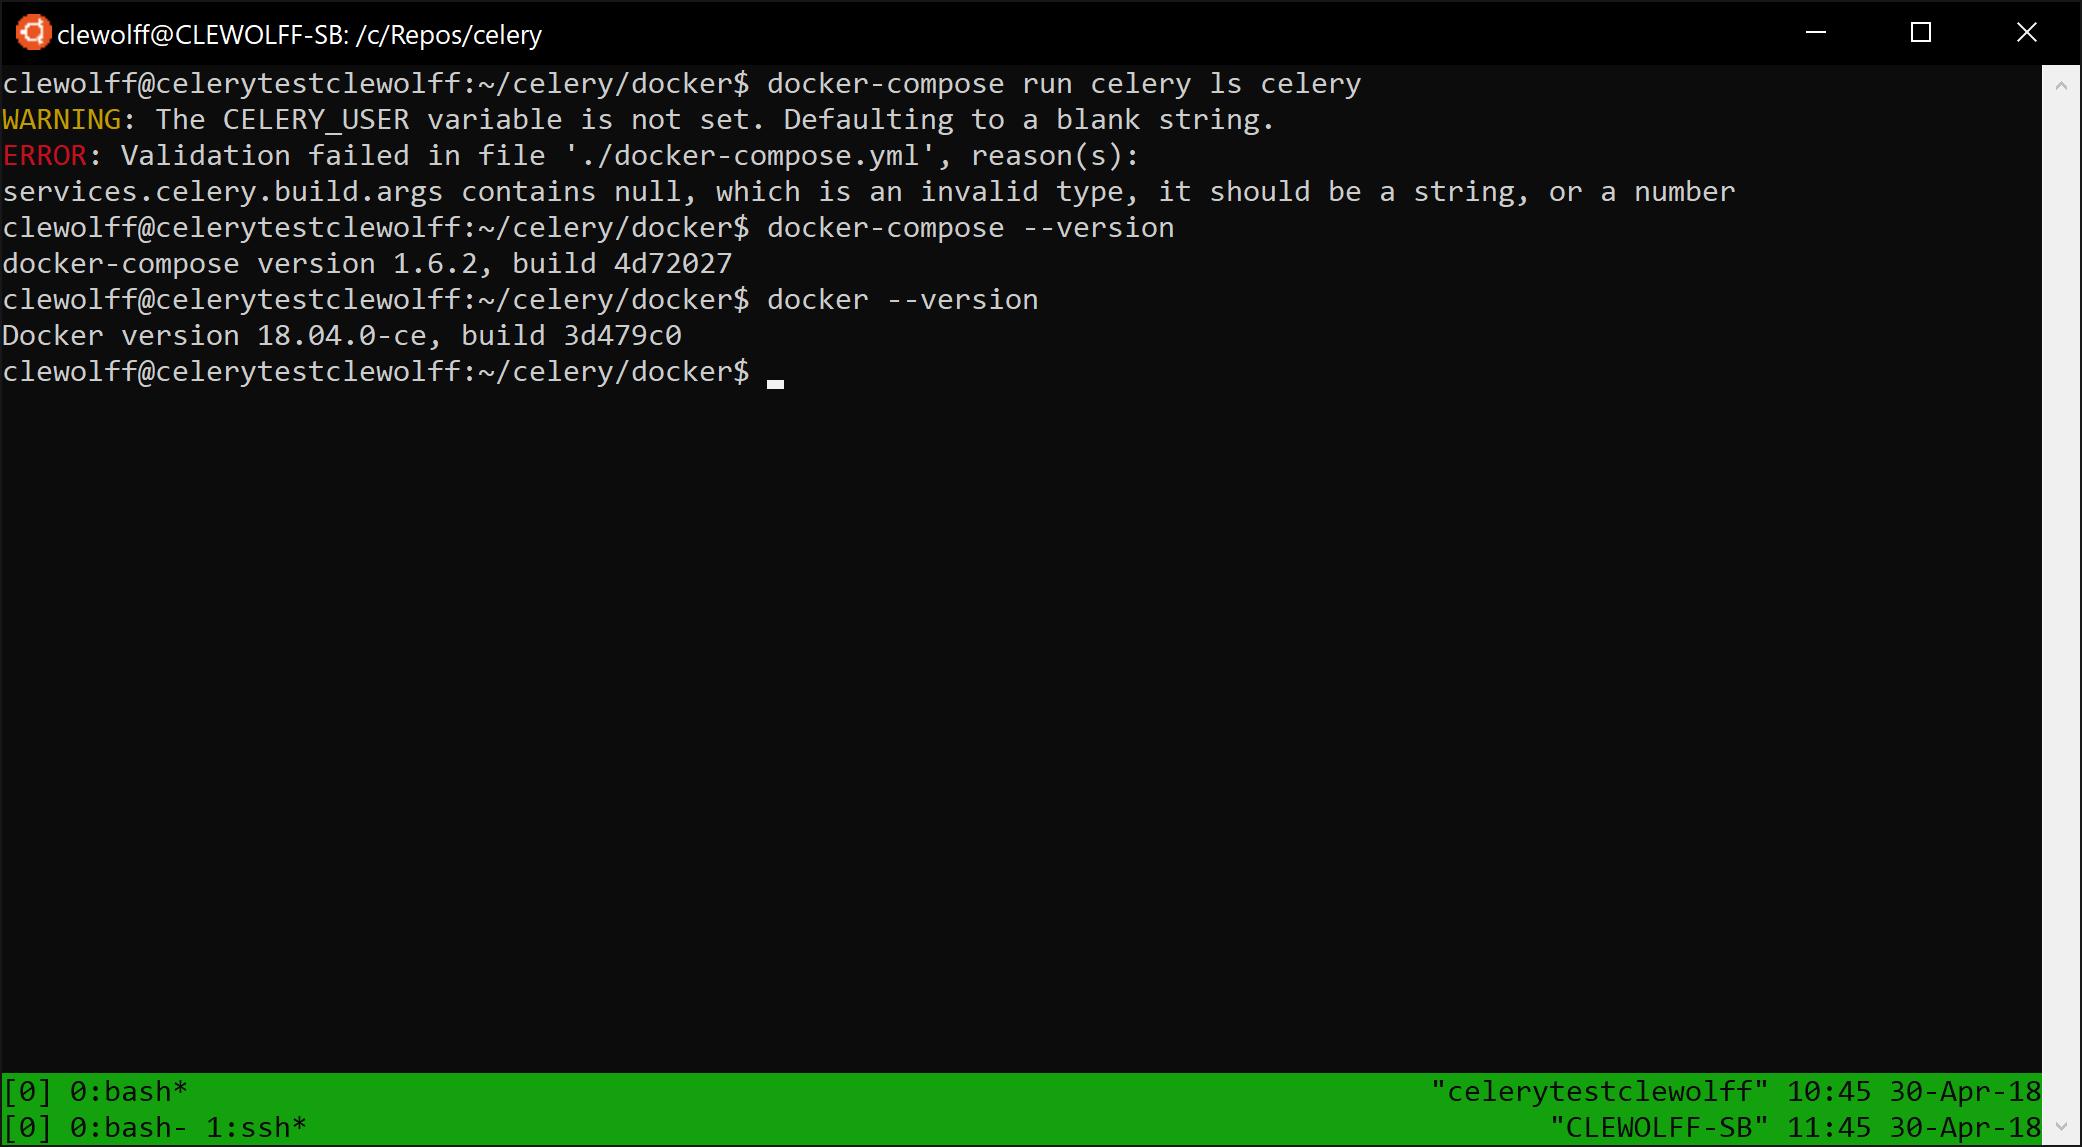 Screenshot of docker-compose error due to missing build argument